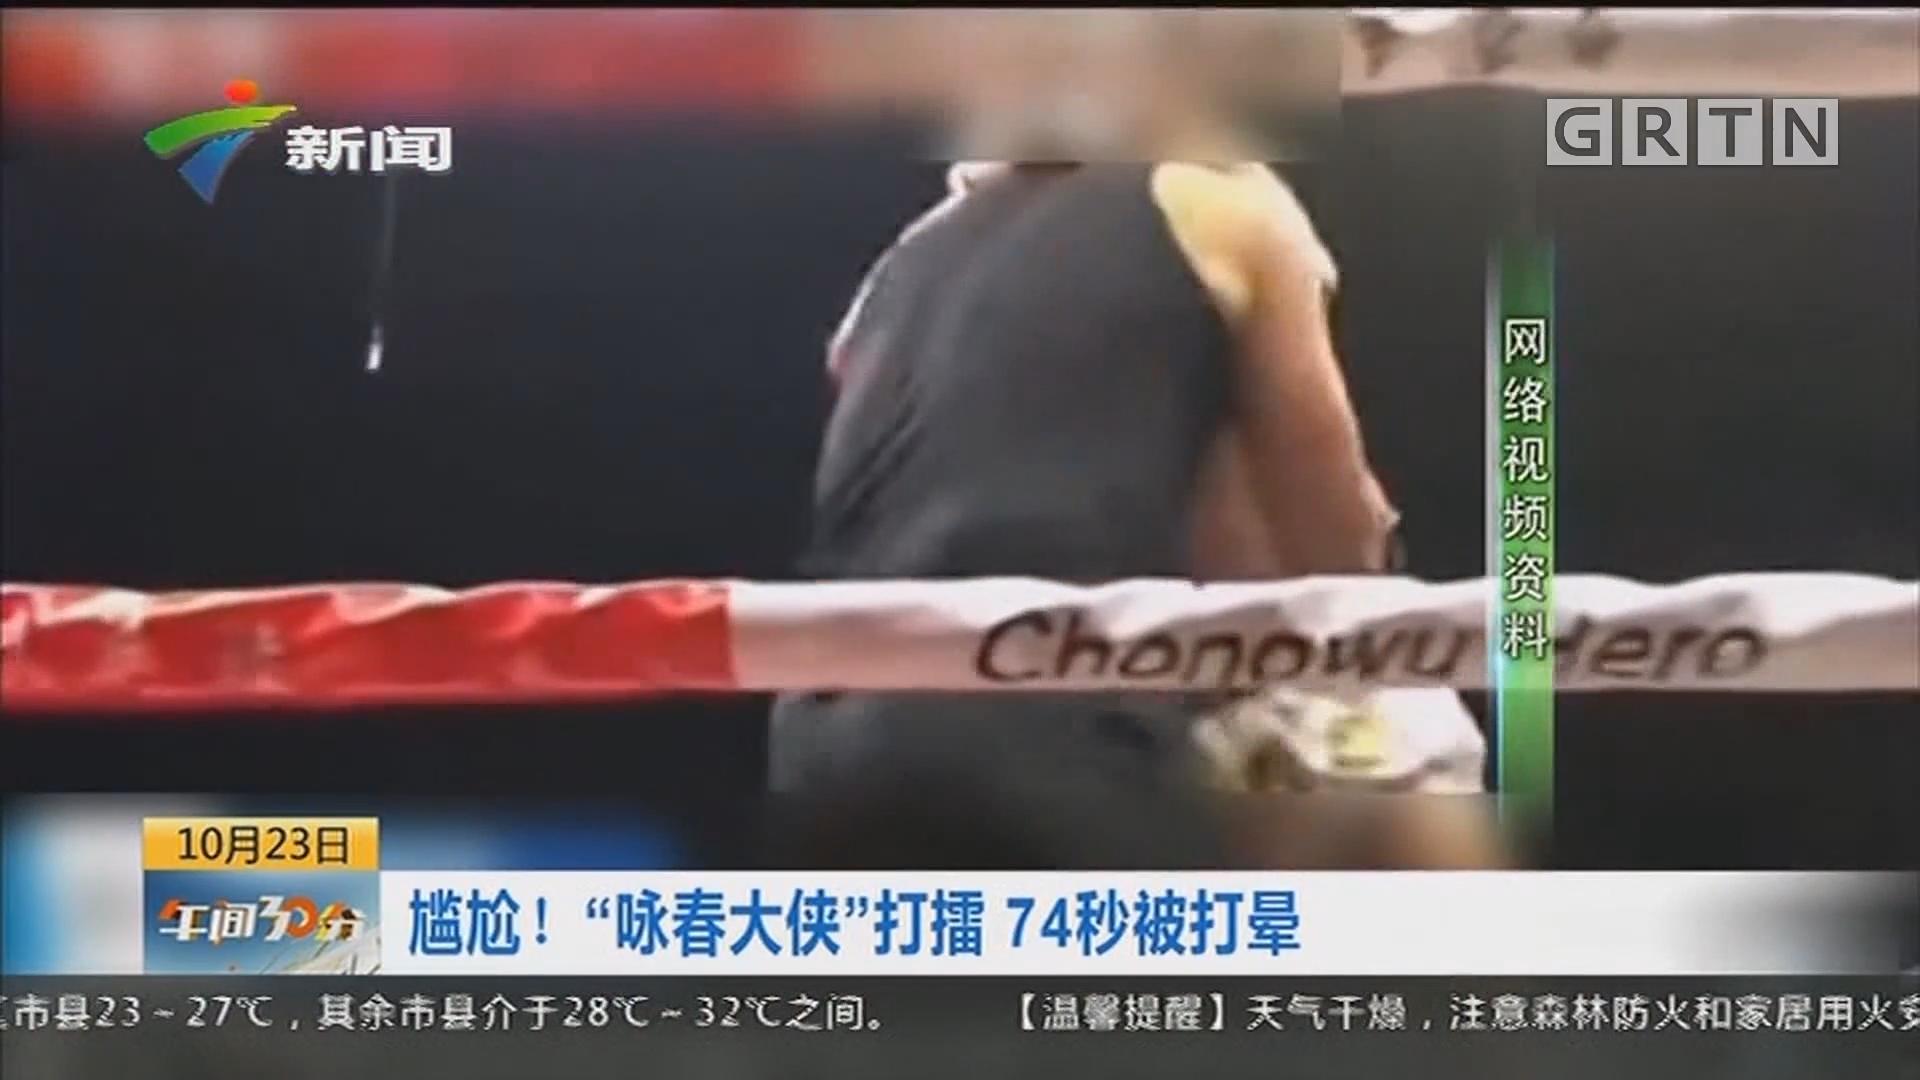 """尷尬!""""詠春大俠""""打擂 74秒被打暈"""